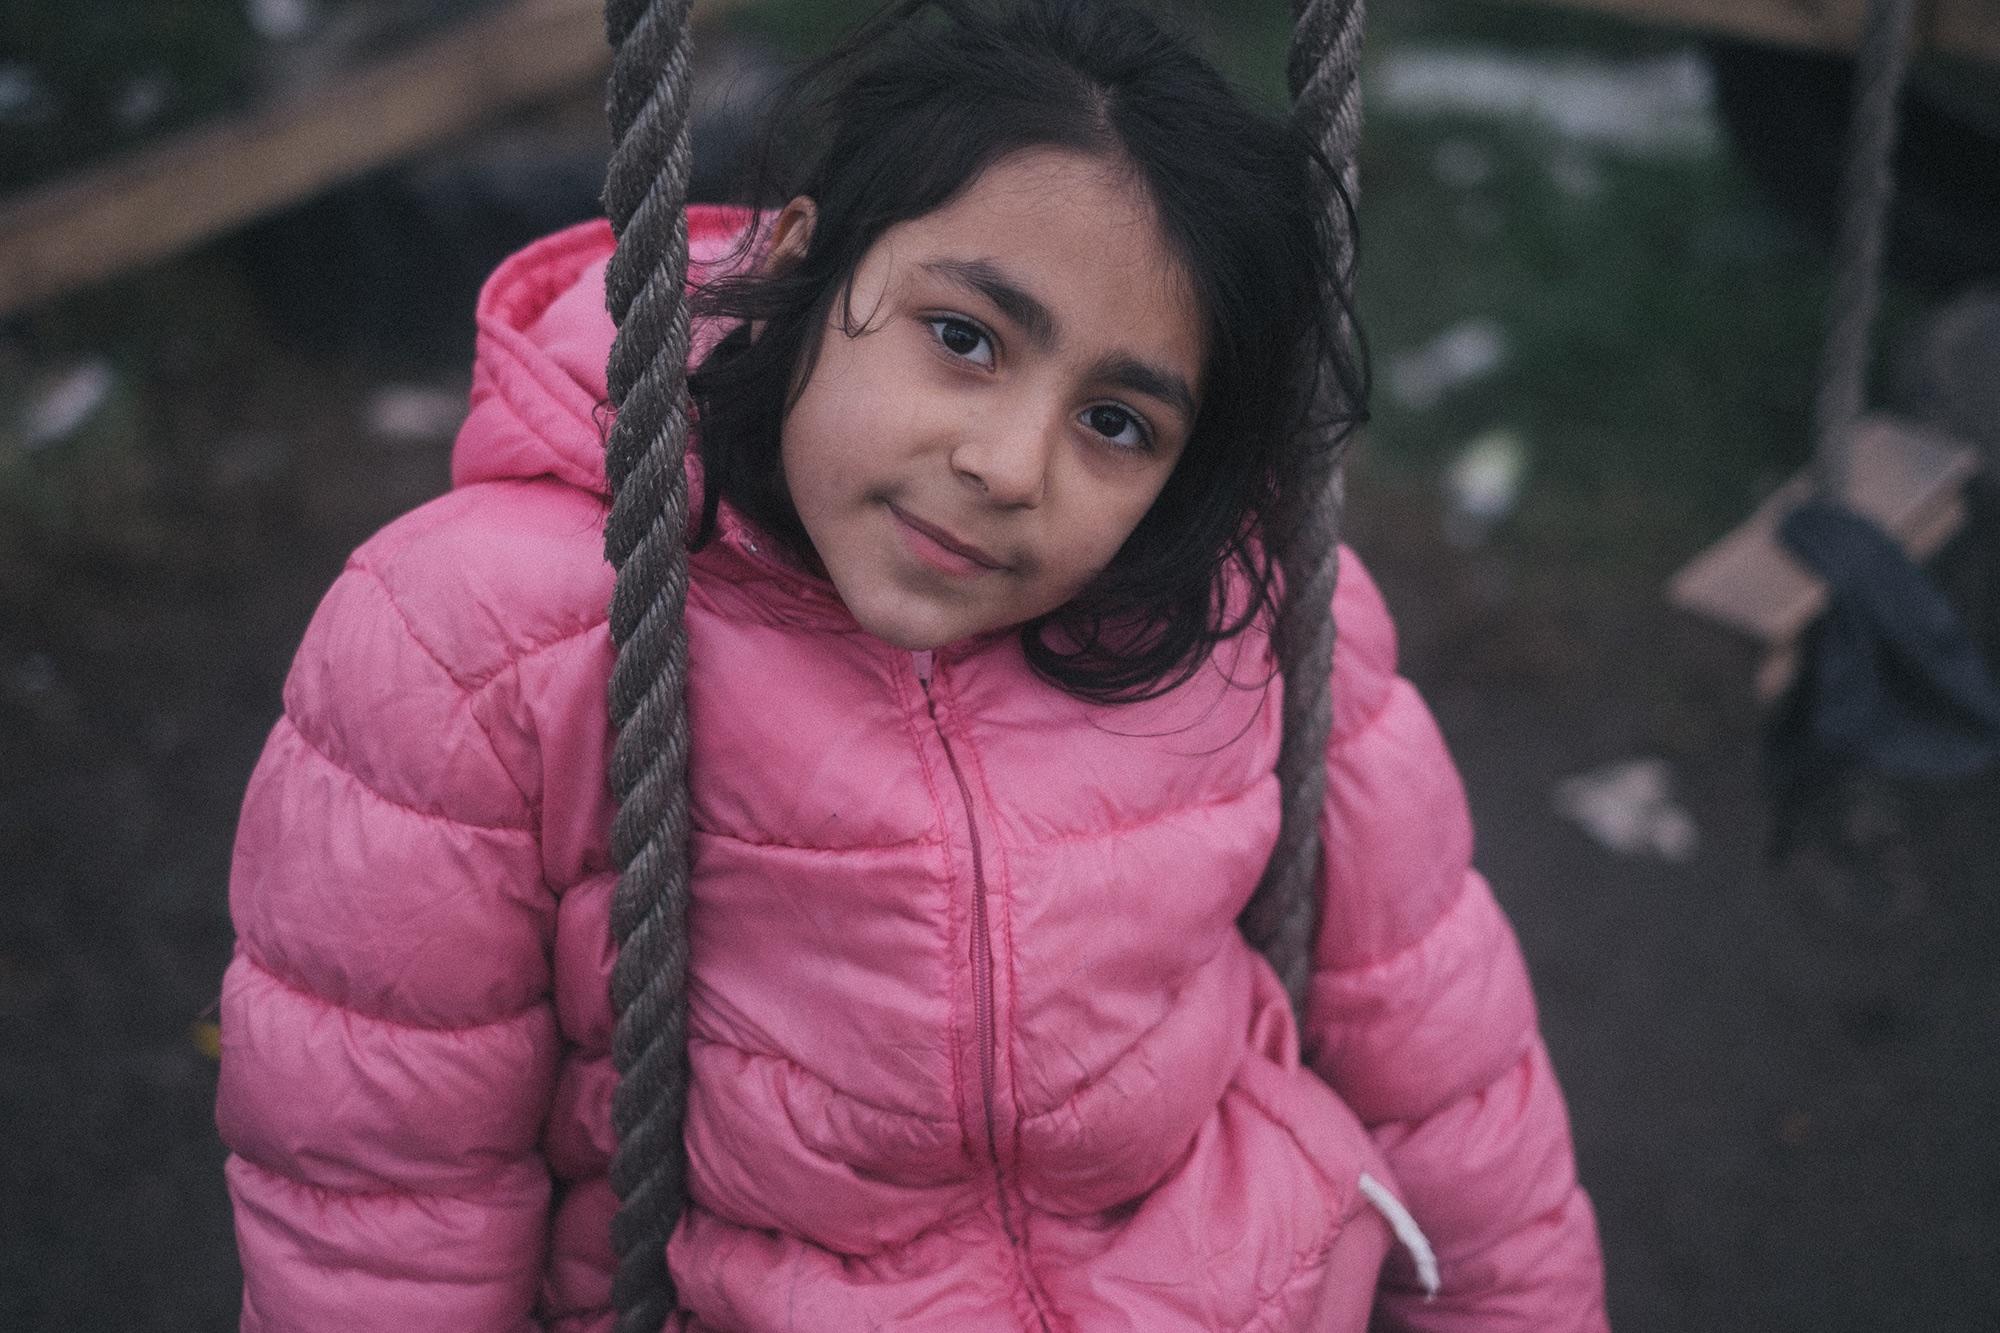 Ana, 10 years, Iran